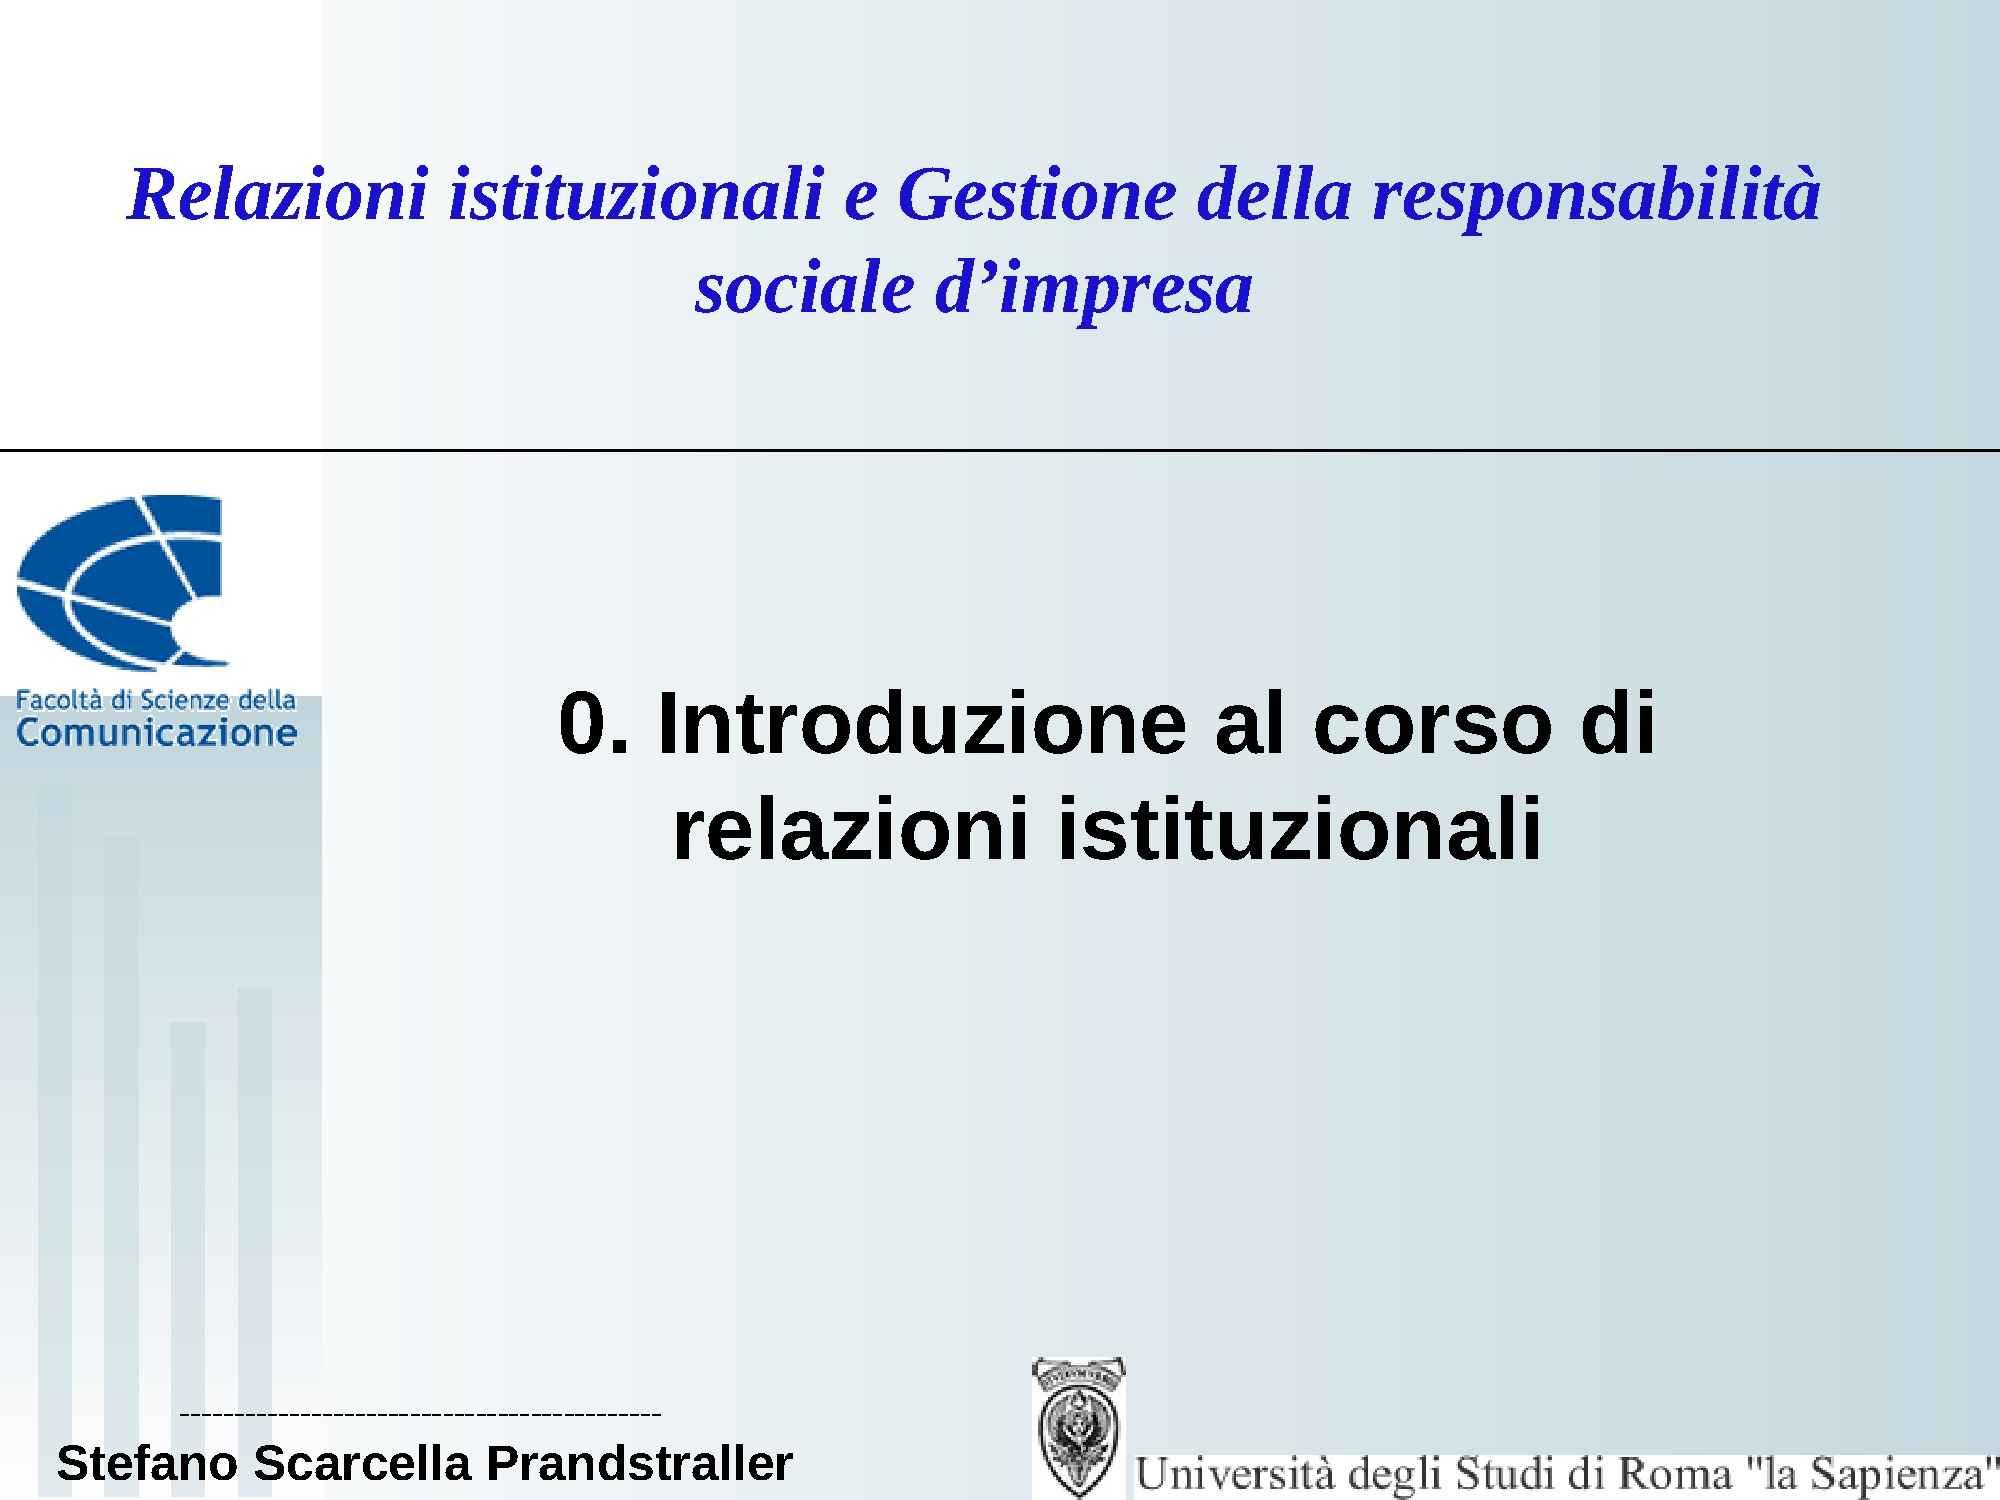 Relazioni istituzionali - Introduzione